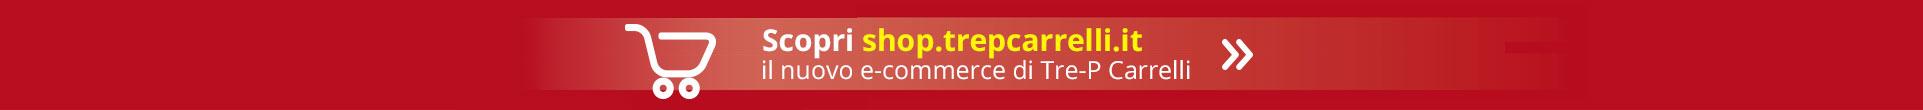 ecommerce Tre-p carrelli